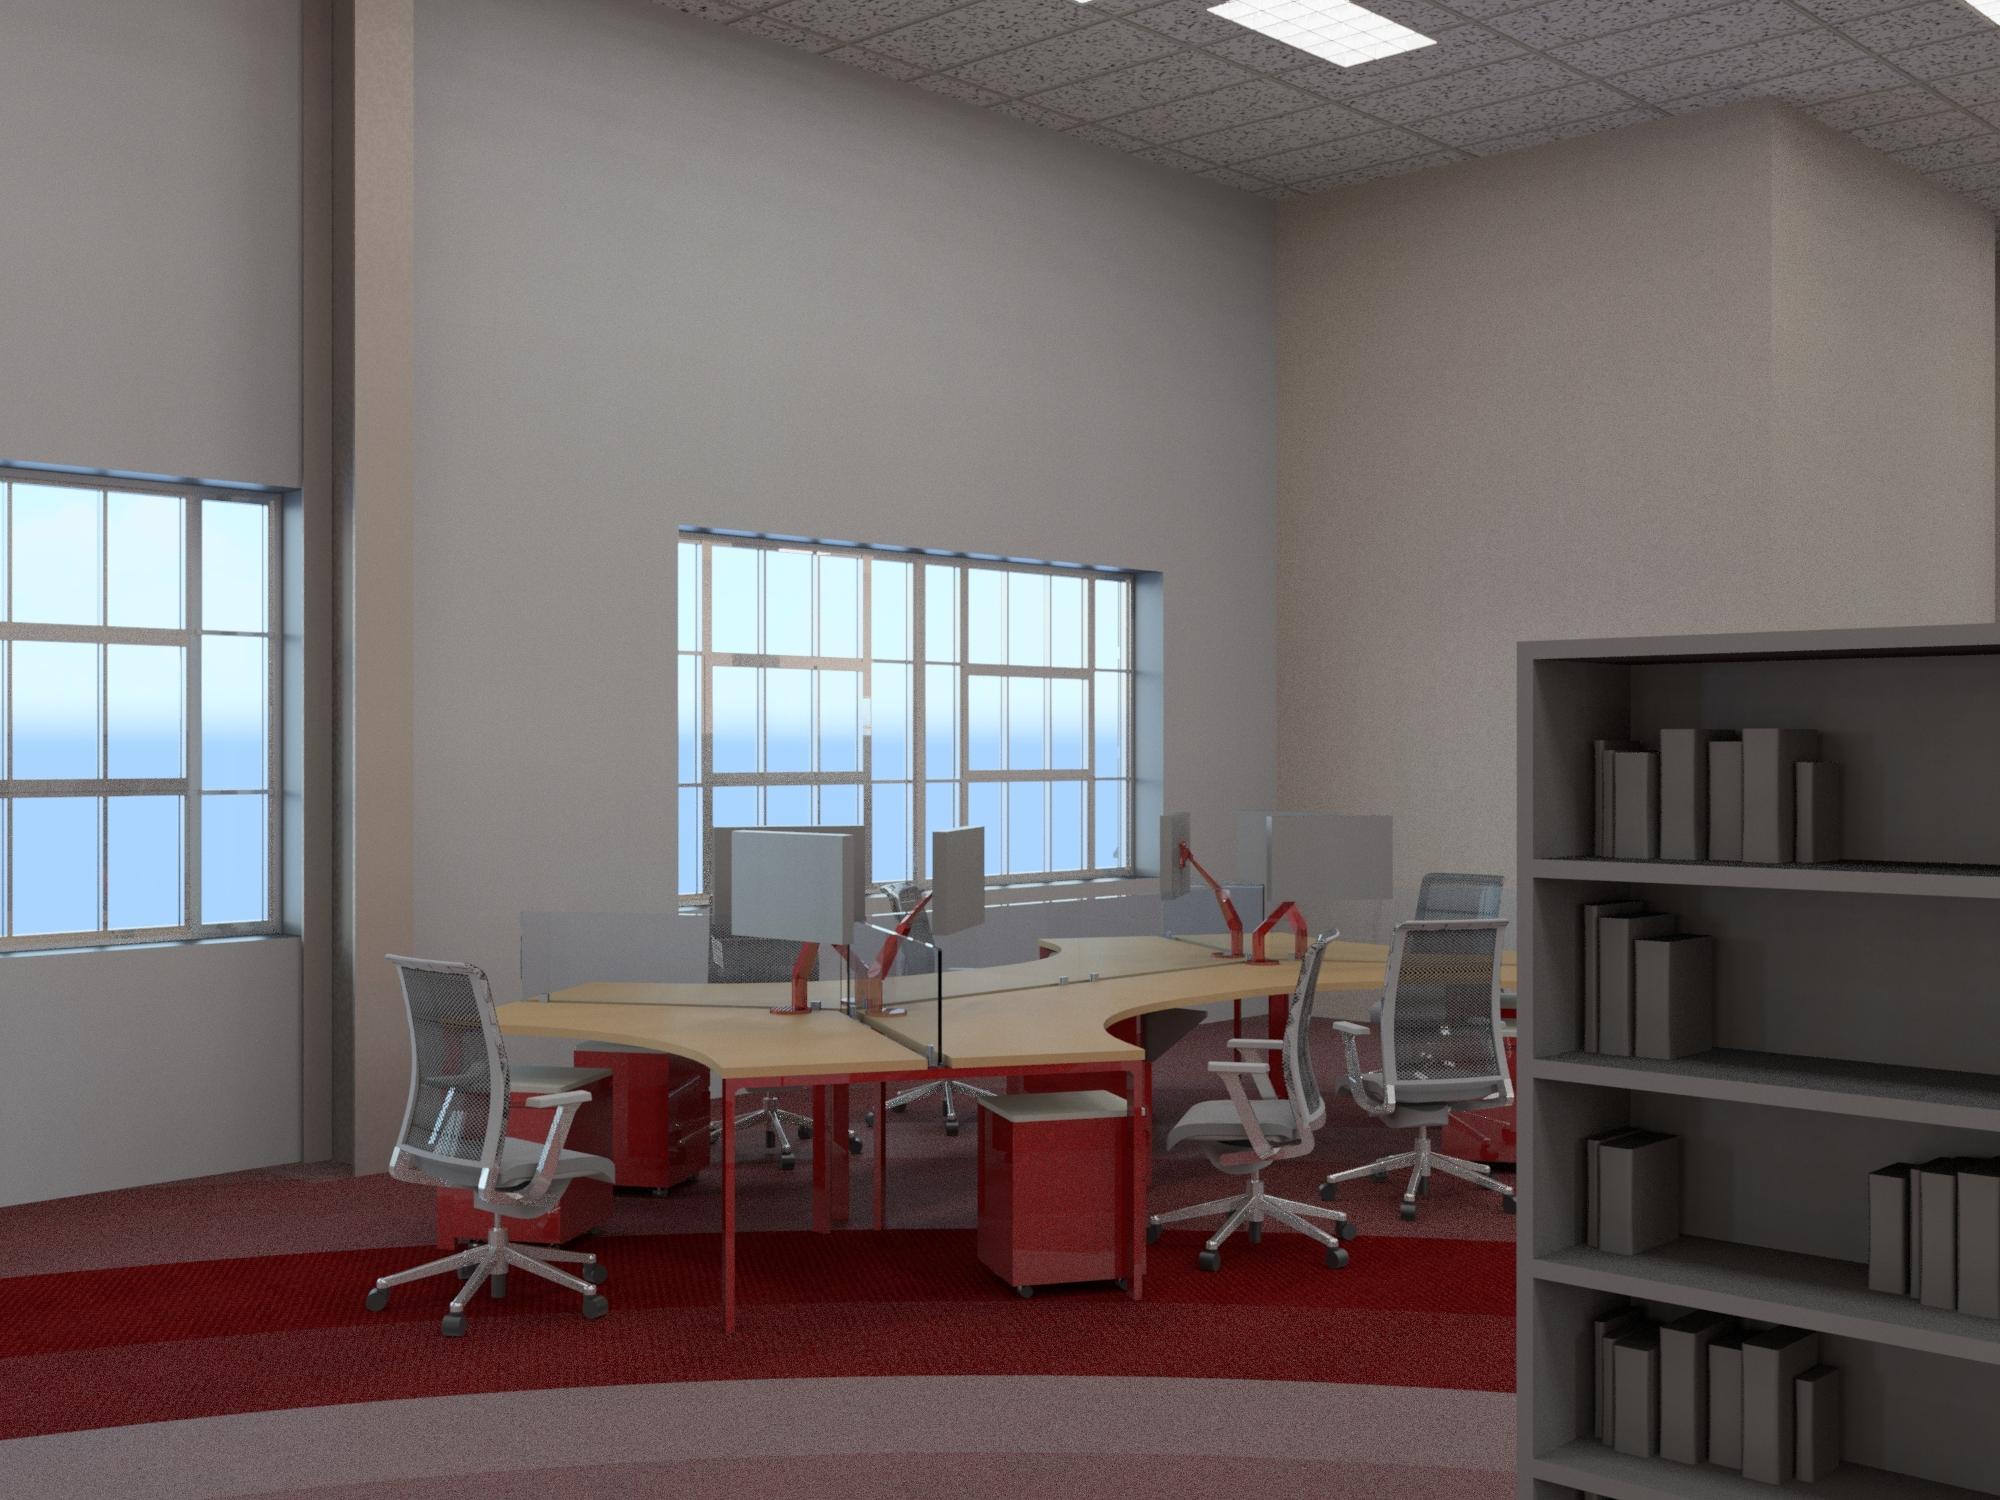 Raas-rendering20150526-10899-1oepwkw